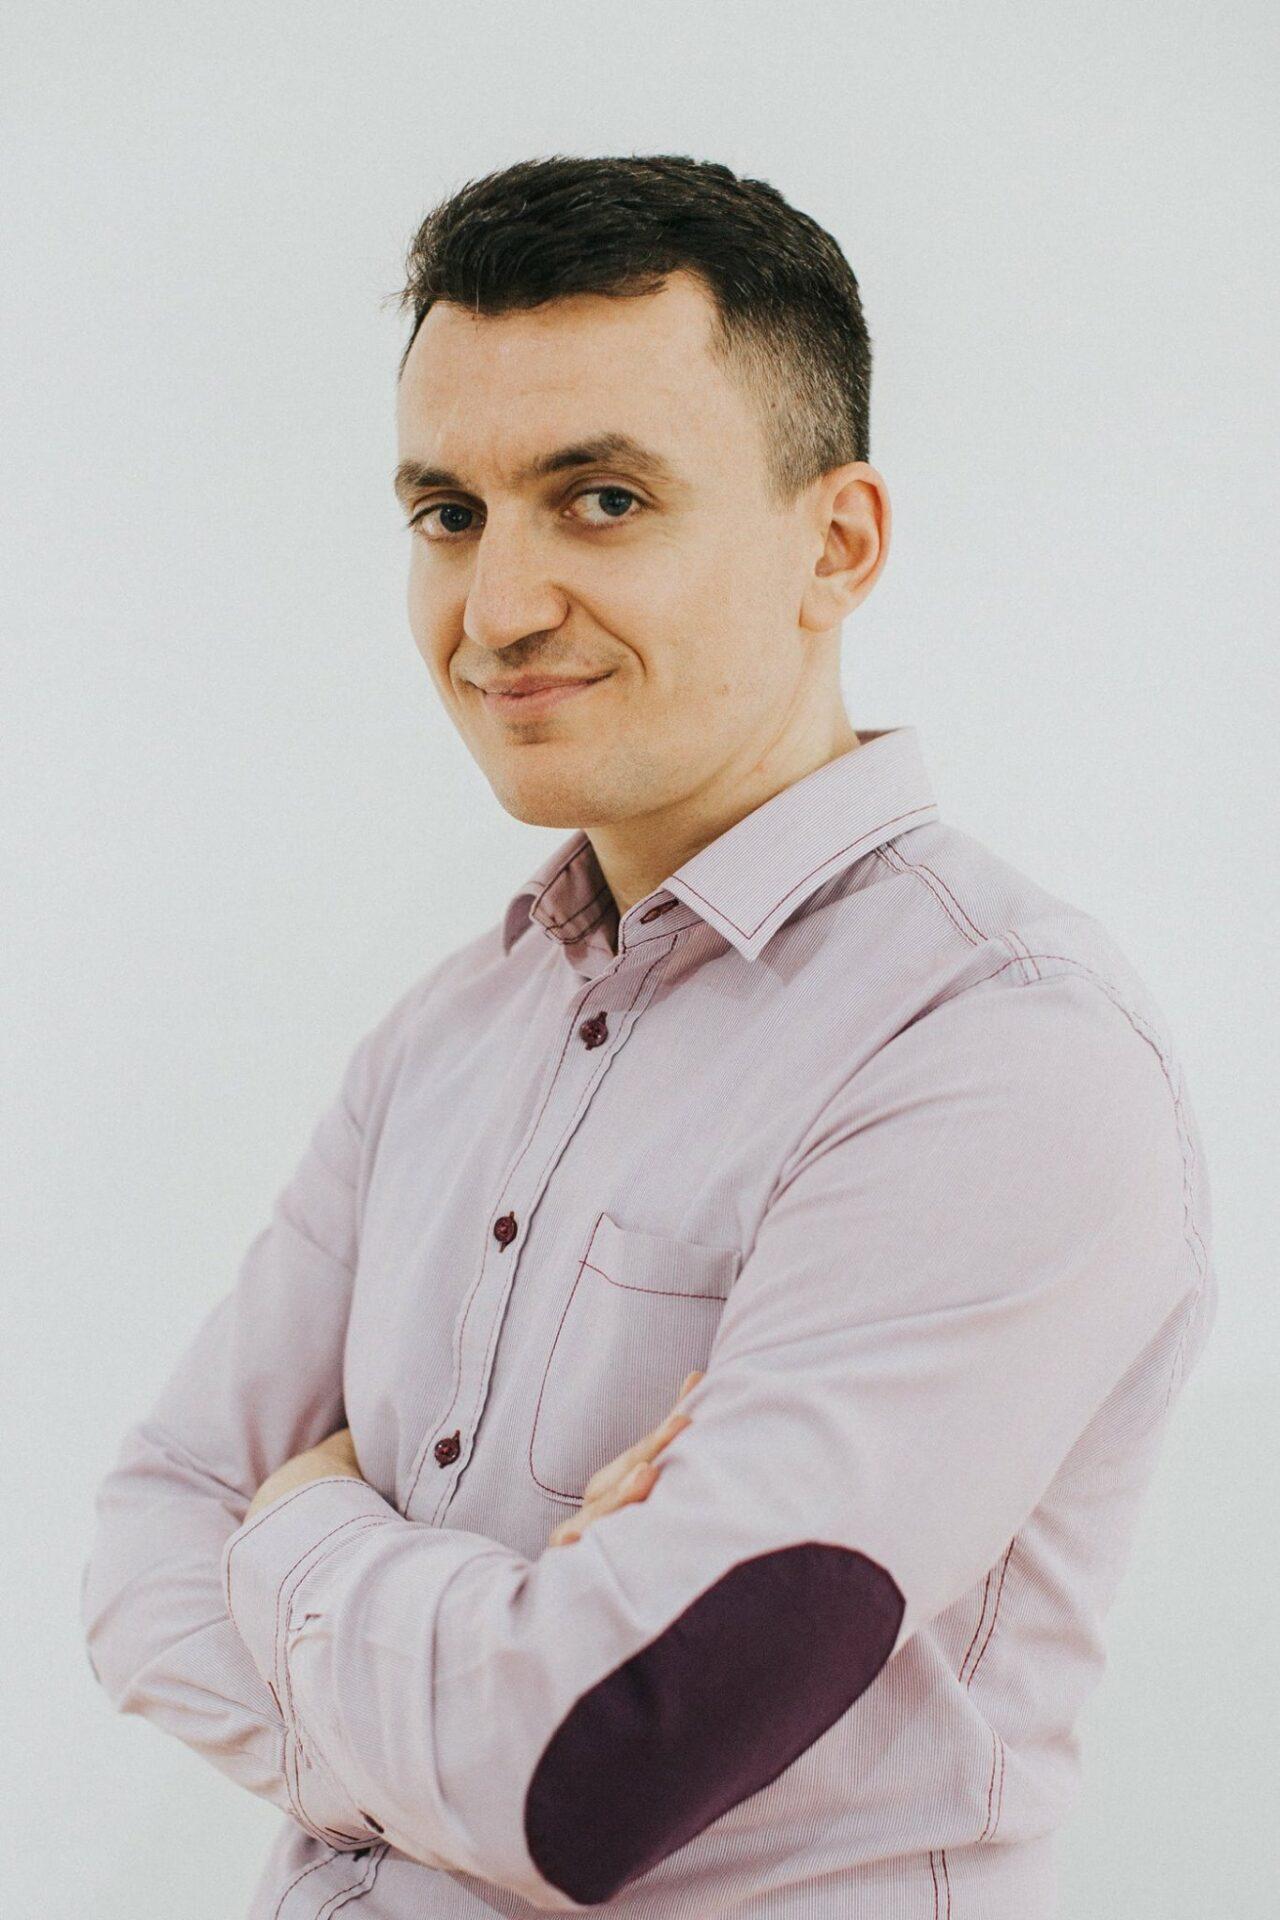 Adrian Domocos HotinSocialMedia.com